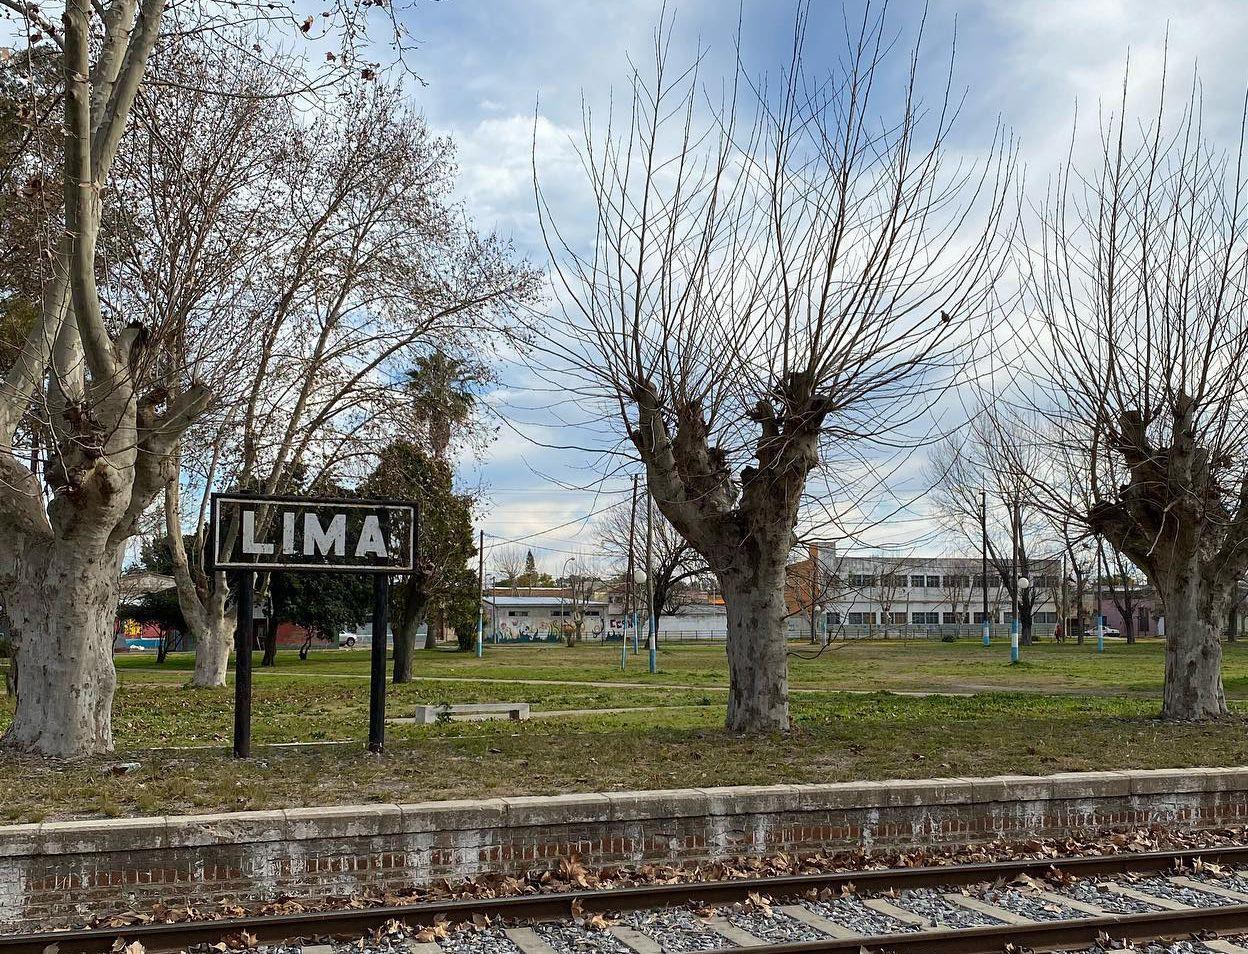 Buscan declarar a Lima como una nueva ciudad bonaerense ( Foto Asociación para la Autonomía de Lima)